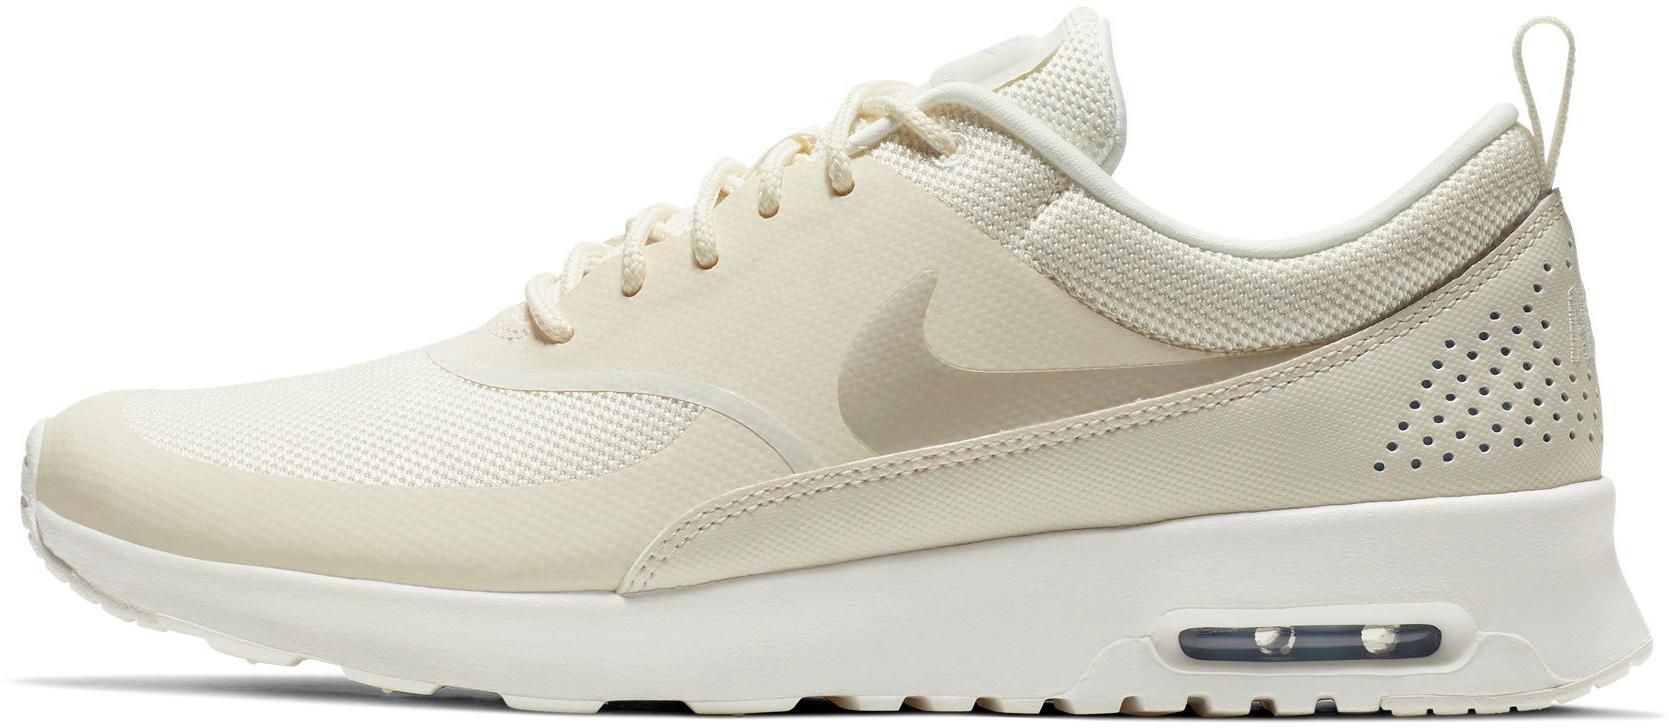 NIKE AIR MAX Thea Schuhe Sneaker DamenGr:36FAST NEU